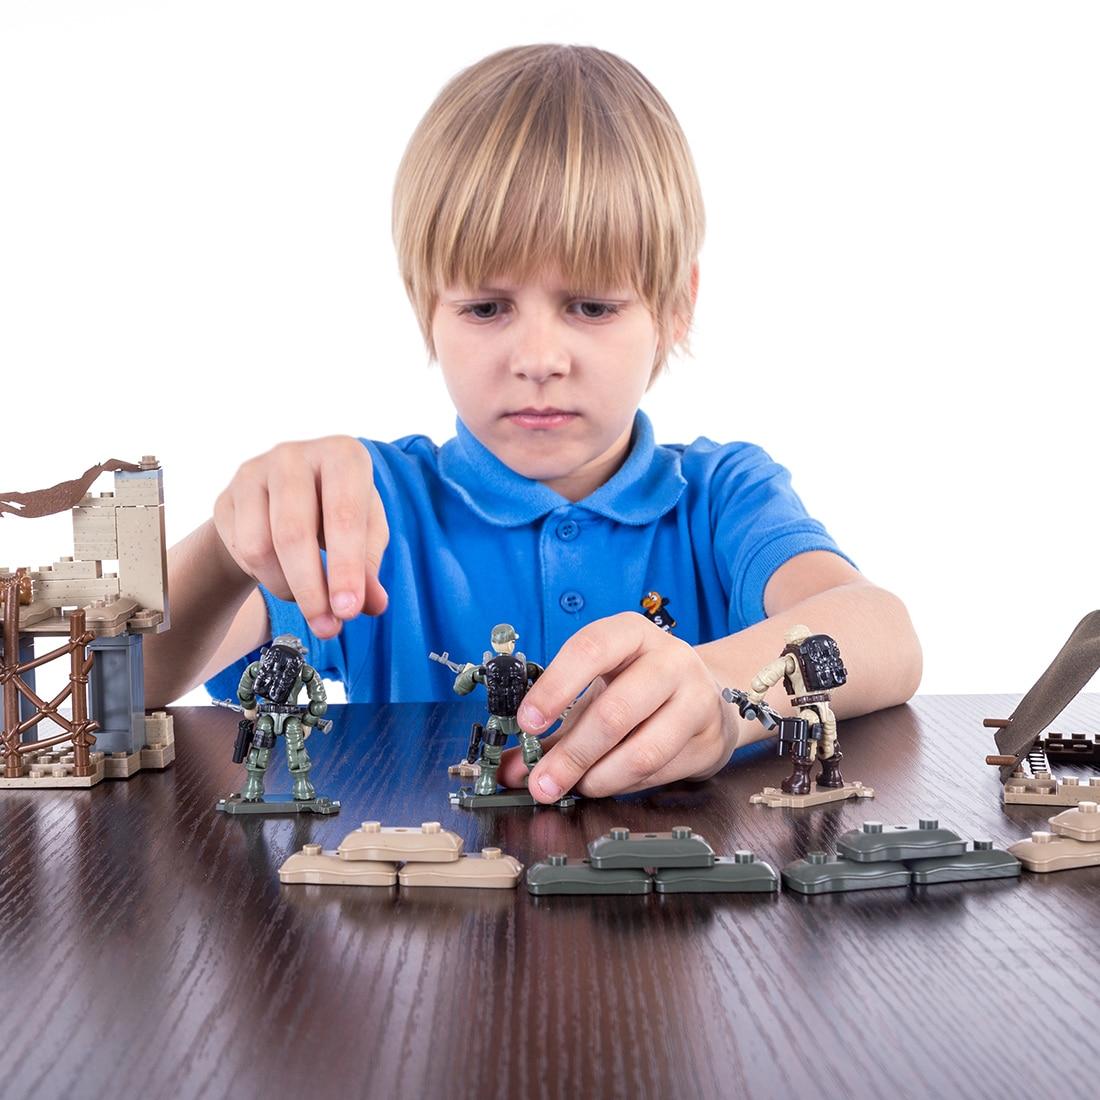 Minimuñeco de bloques de construcción para niños de la serie militar Lone Wolf Camp, regalo de Navidad